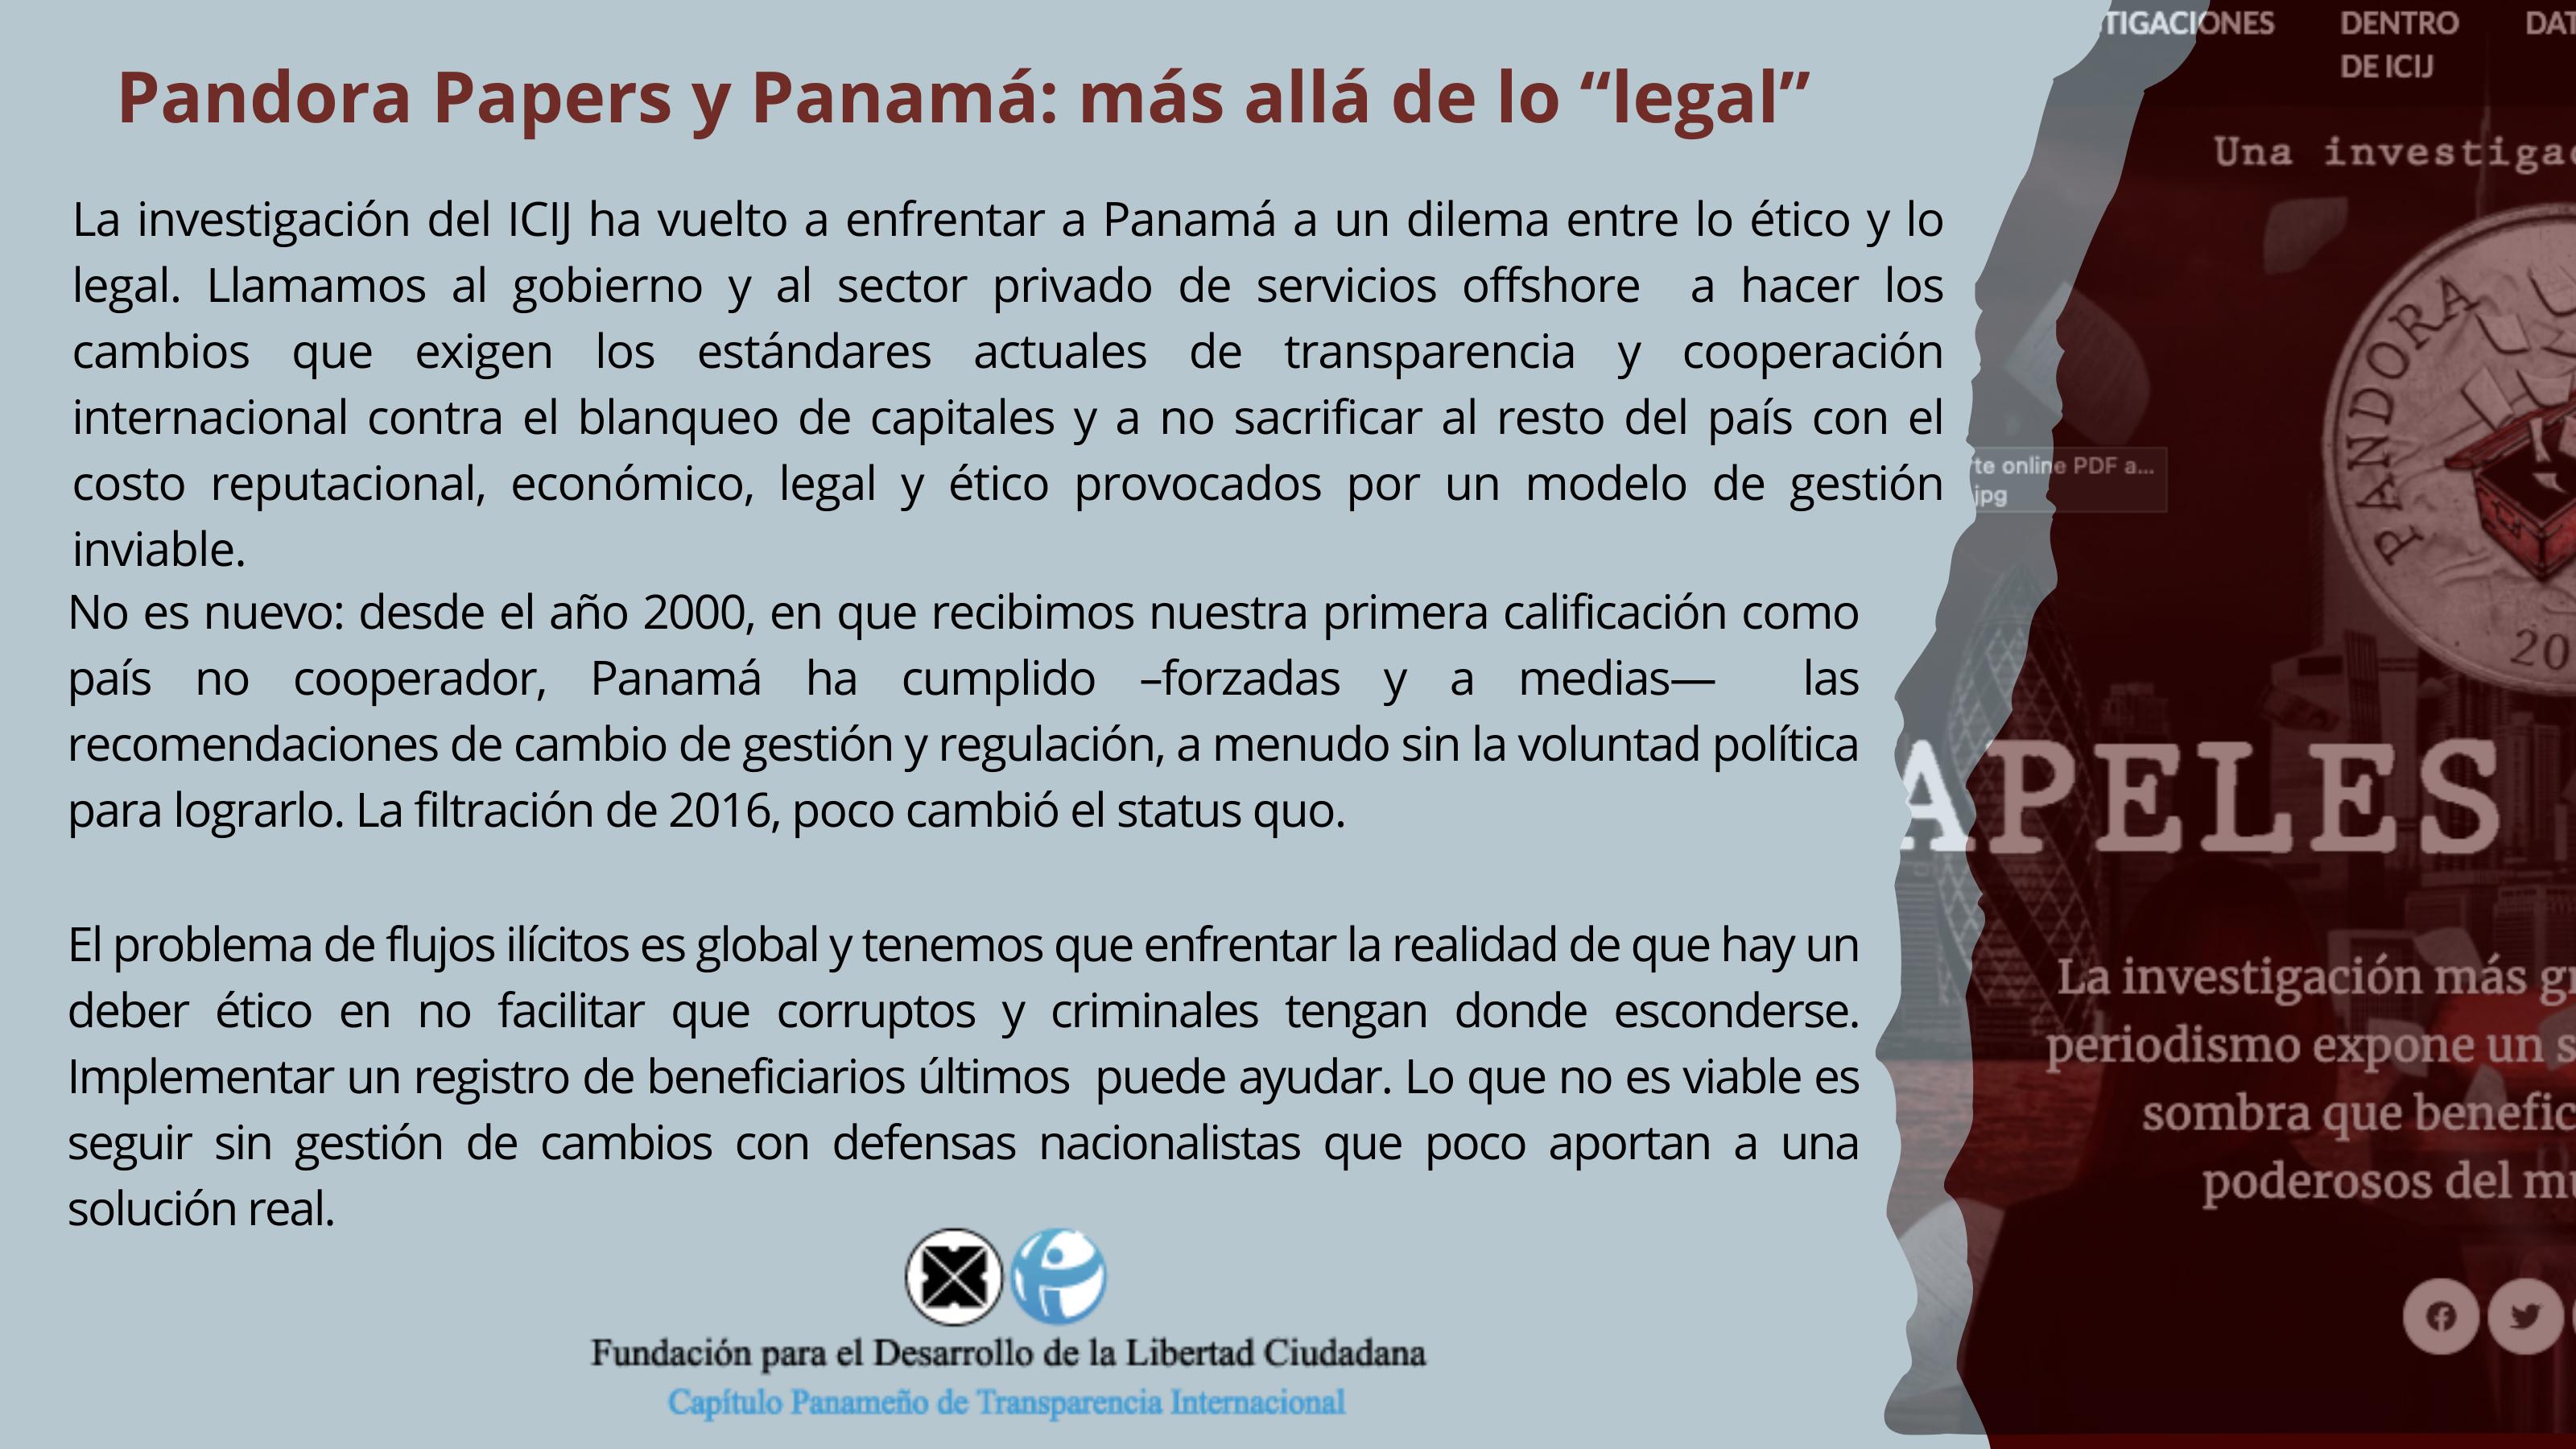 """Pandora Papers y Panamá: Más allá de lo """"legal"""""""